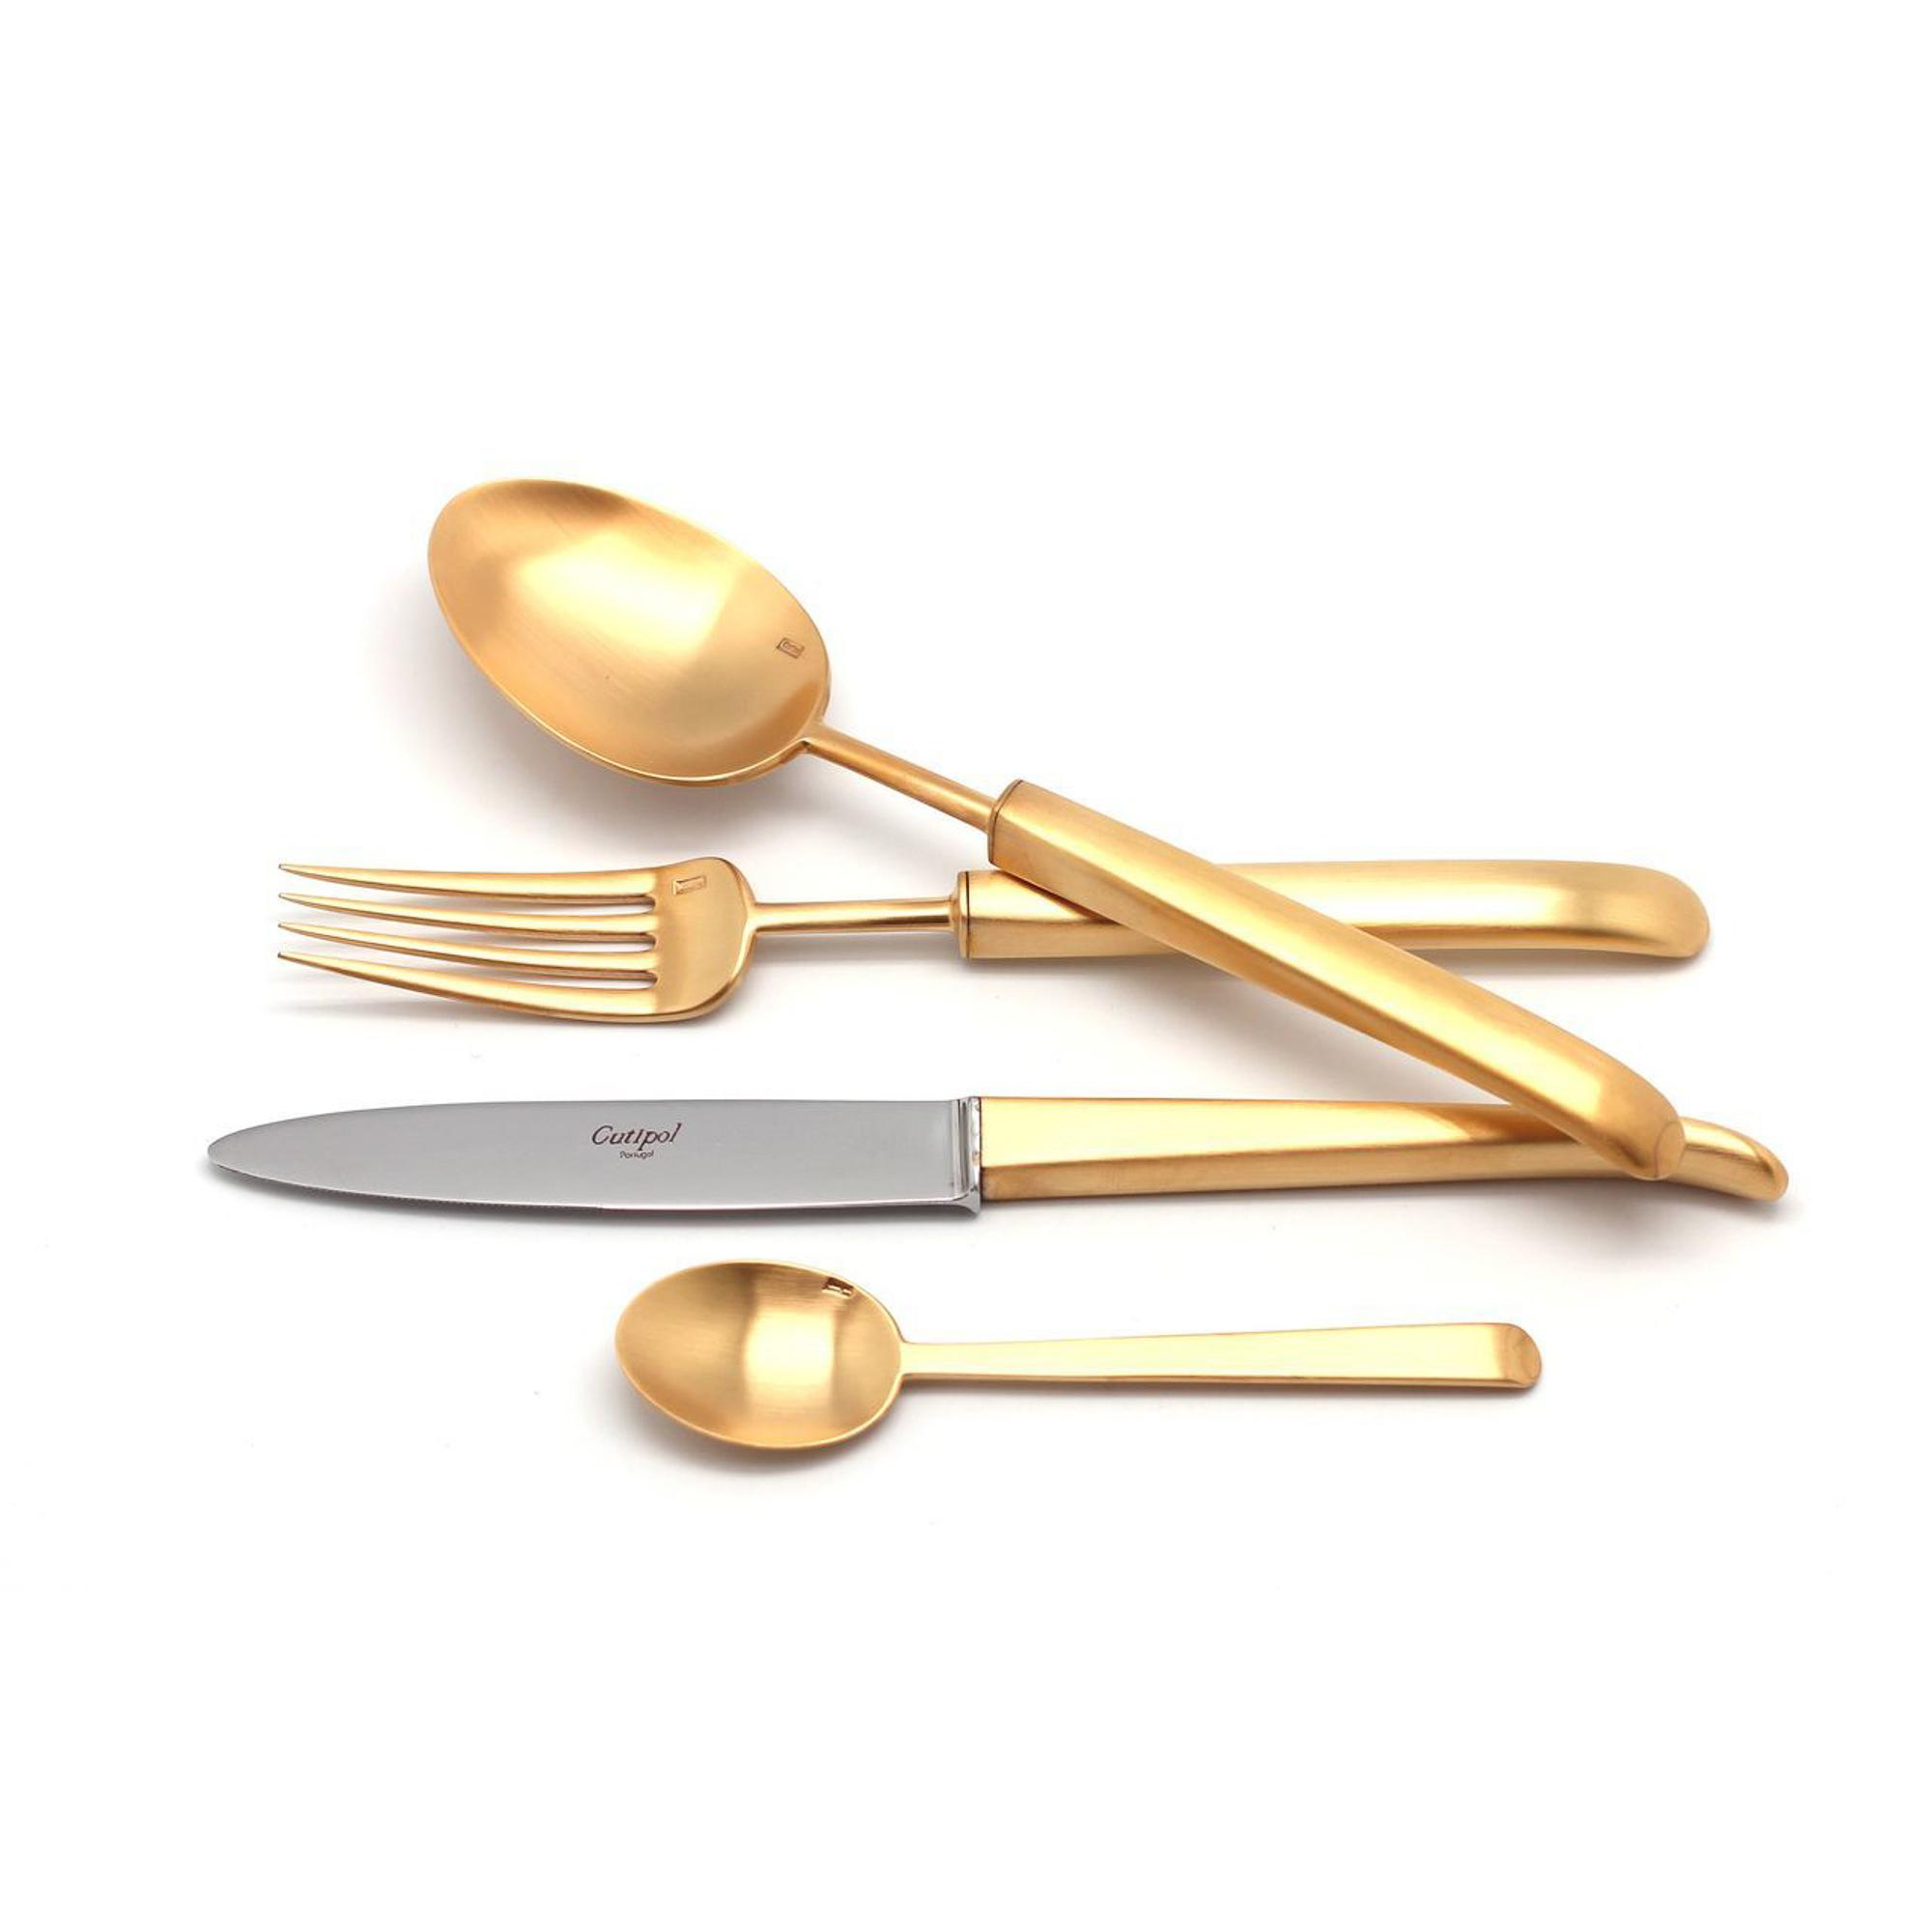 Набор приборов Cutipol CARRE GOLD 9132-72 72 предмета матовый набор столовых приборов cutipol fontainebleau gold из 72 х предметов 9162 72